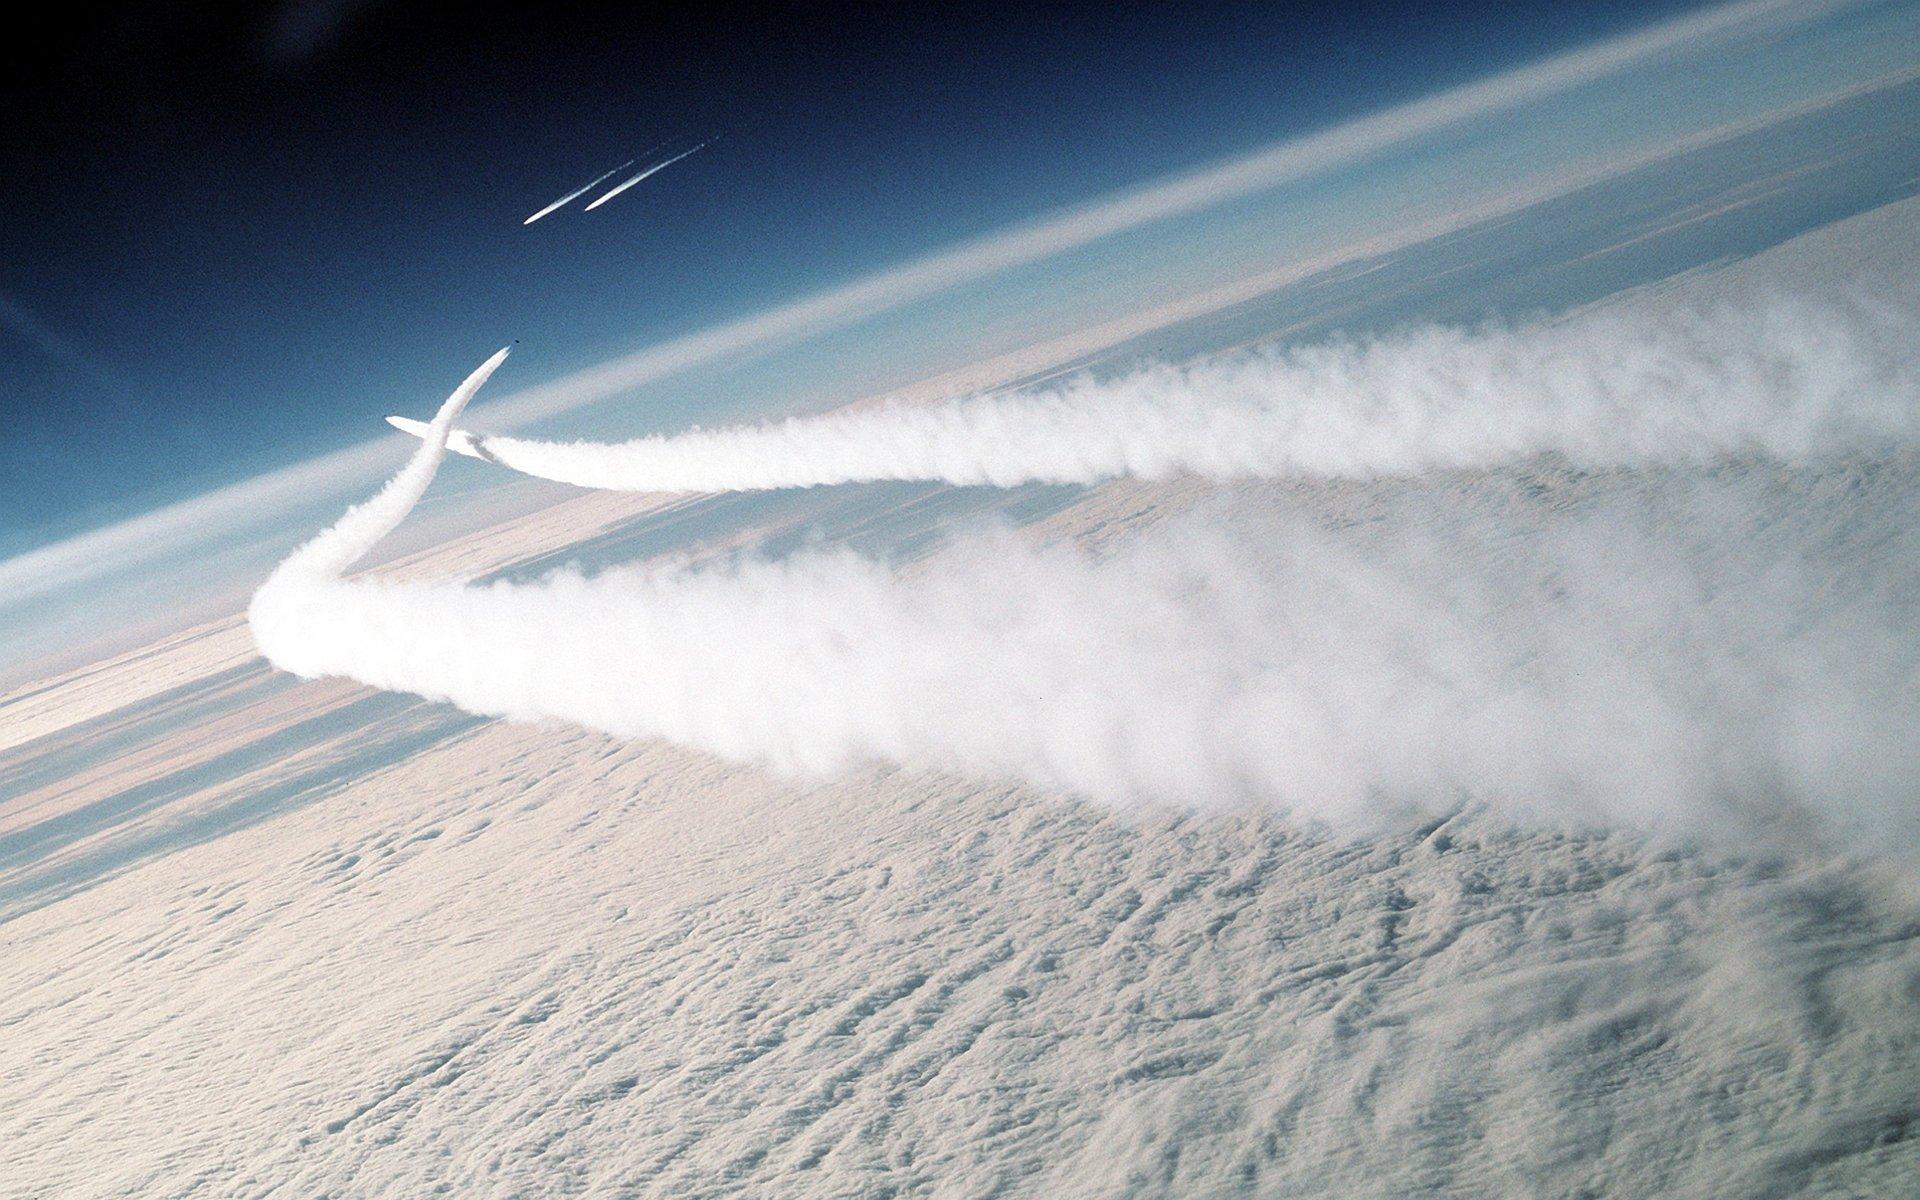 座驾 - 飞机  天空 云 壁纸